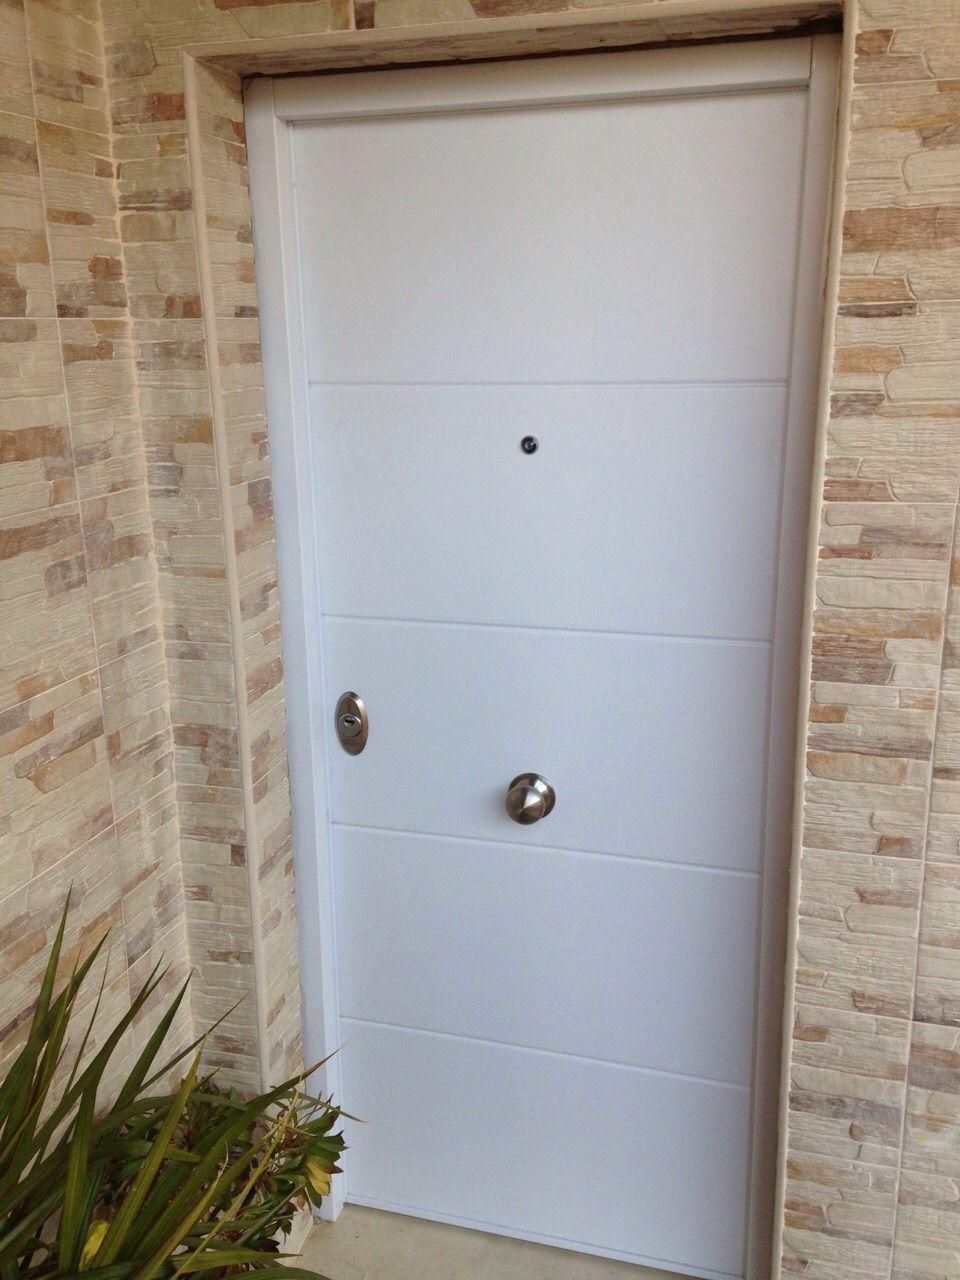 Puerta acorazada de exterior vh500 blanca puertas - Puertas blancas exterior ...